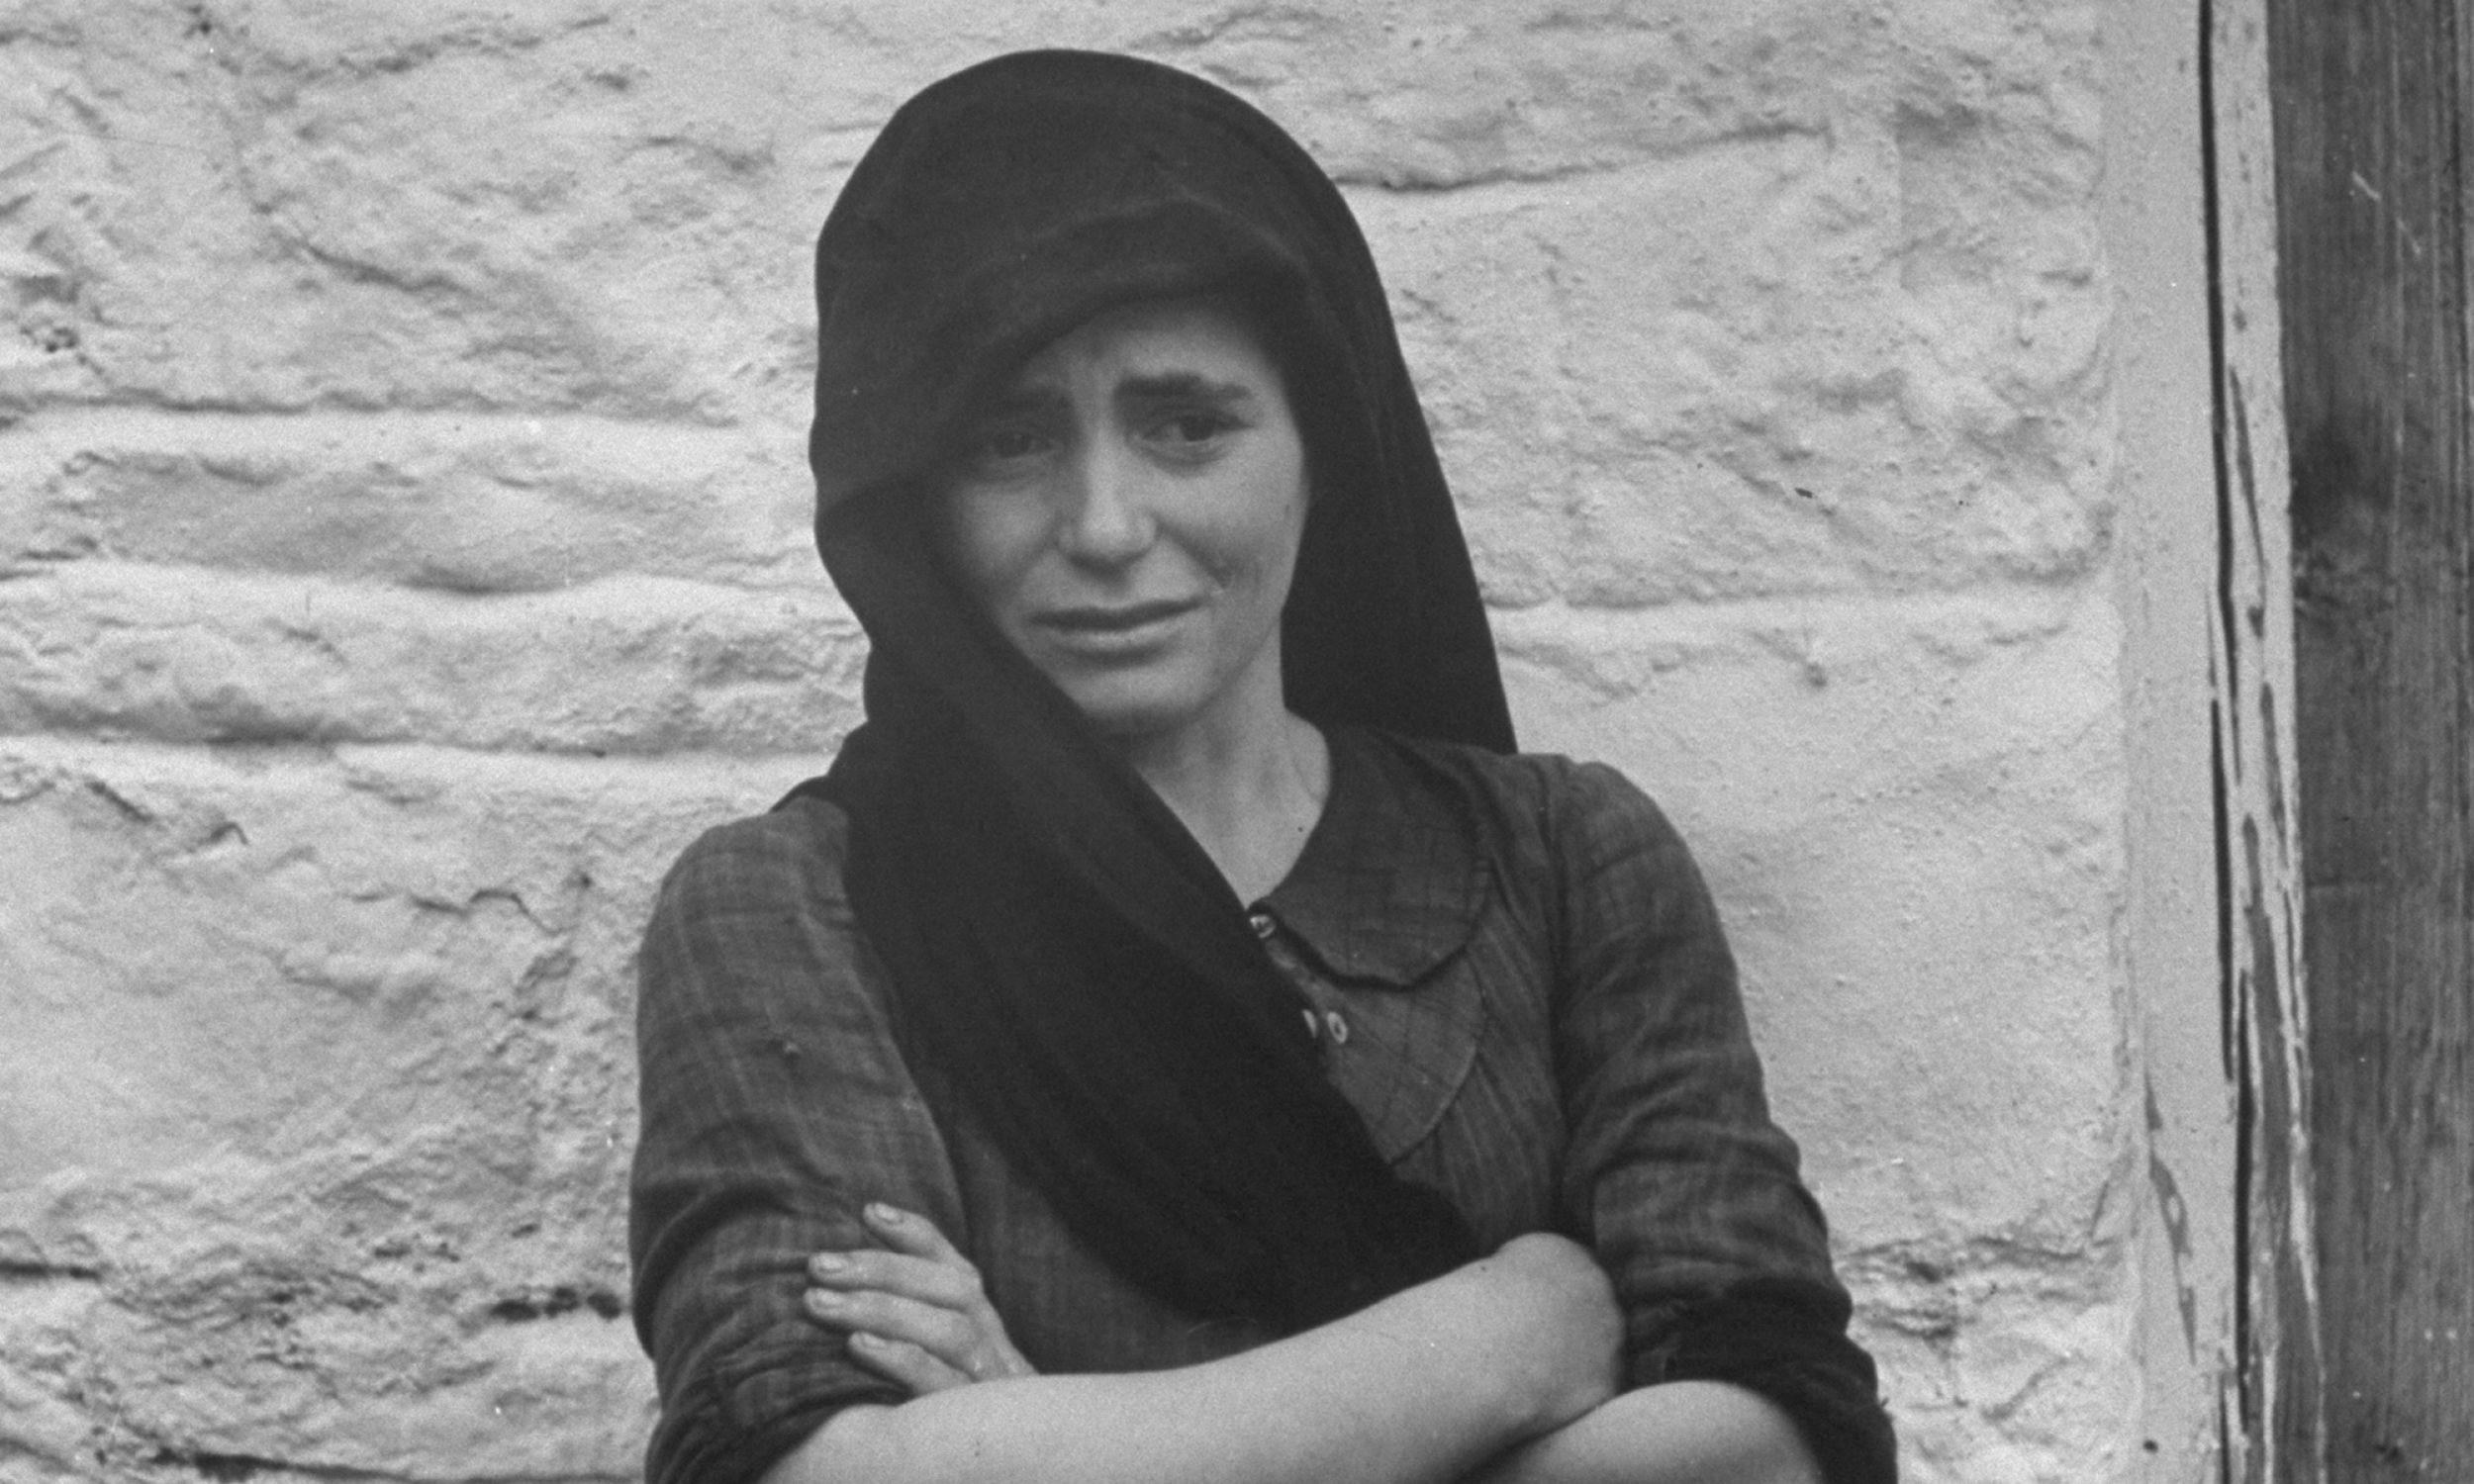 Młoda Greczynka wciąż płacze, cztery miesiące po tym, jak Niemcy zabili jej matkę podczas masakry w Distomo. Fot. Dmitri Kessel / The LIFE Picture Collection / Getty Images